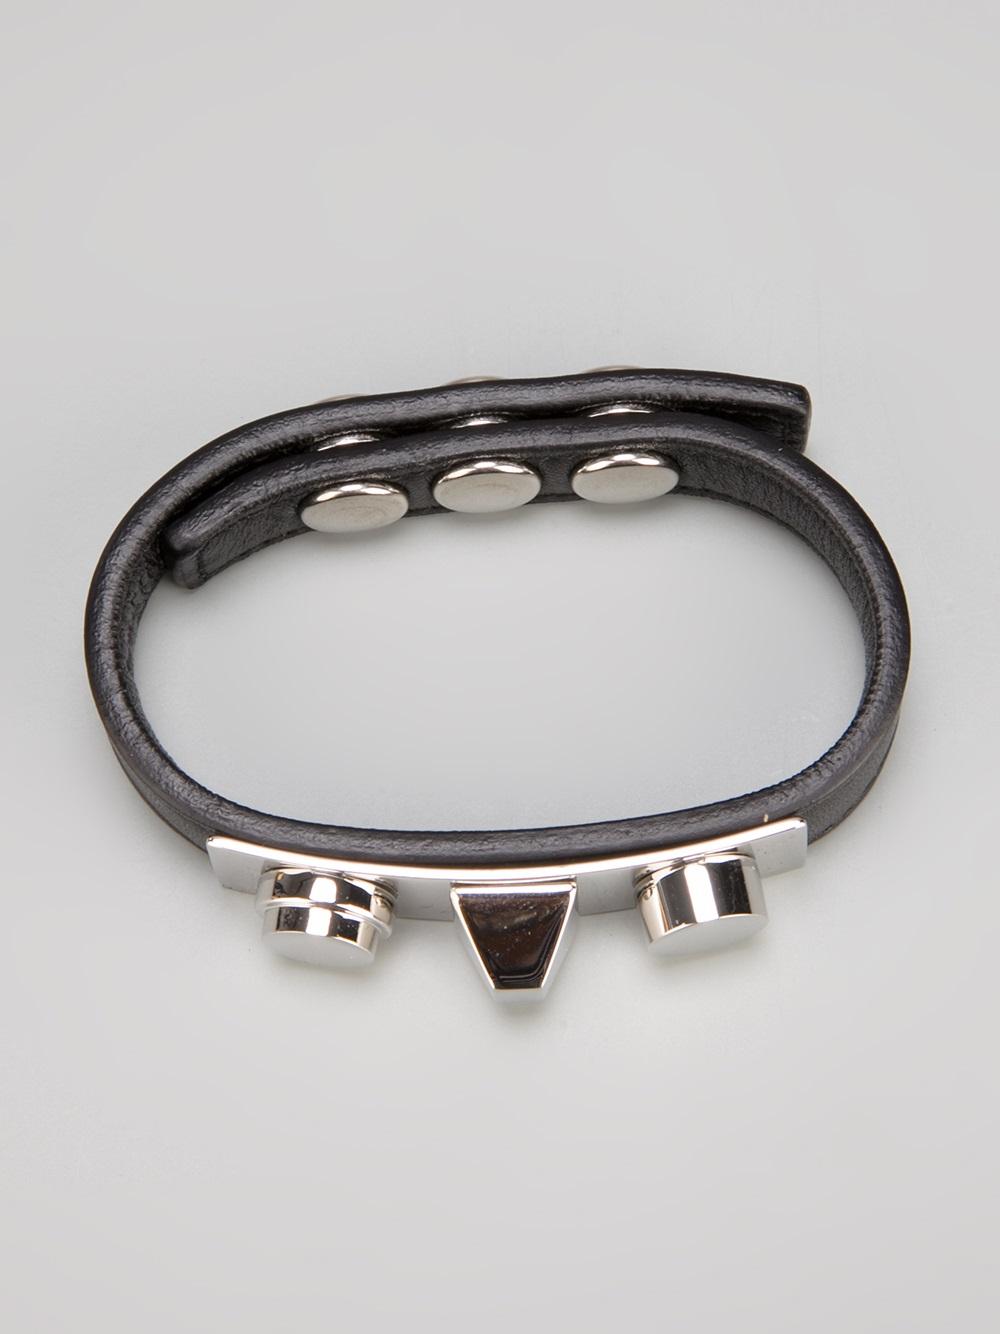 Saint laurent Studded Bracelet in Black